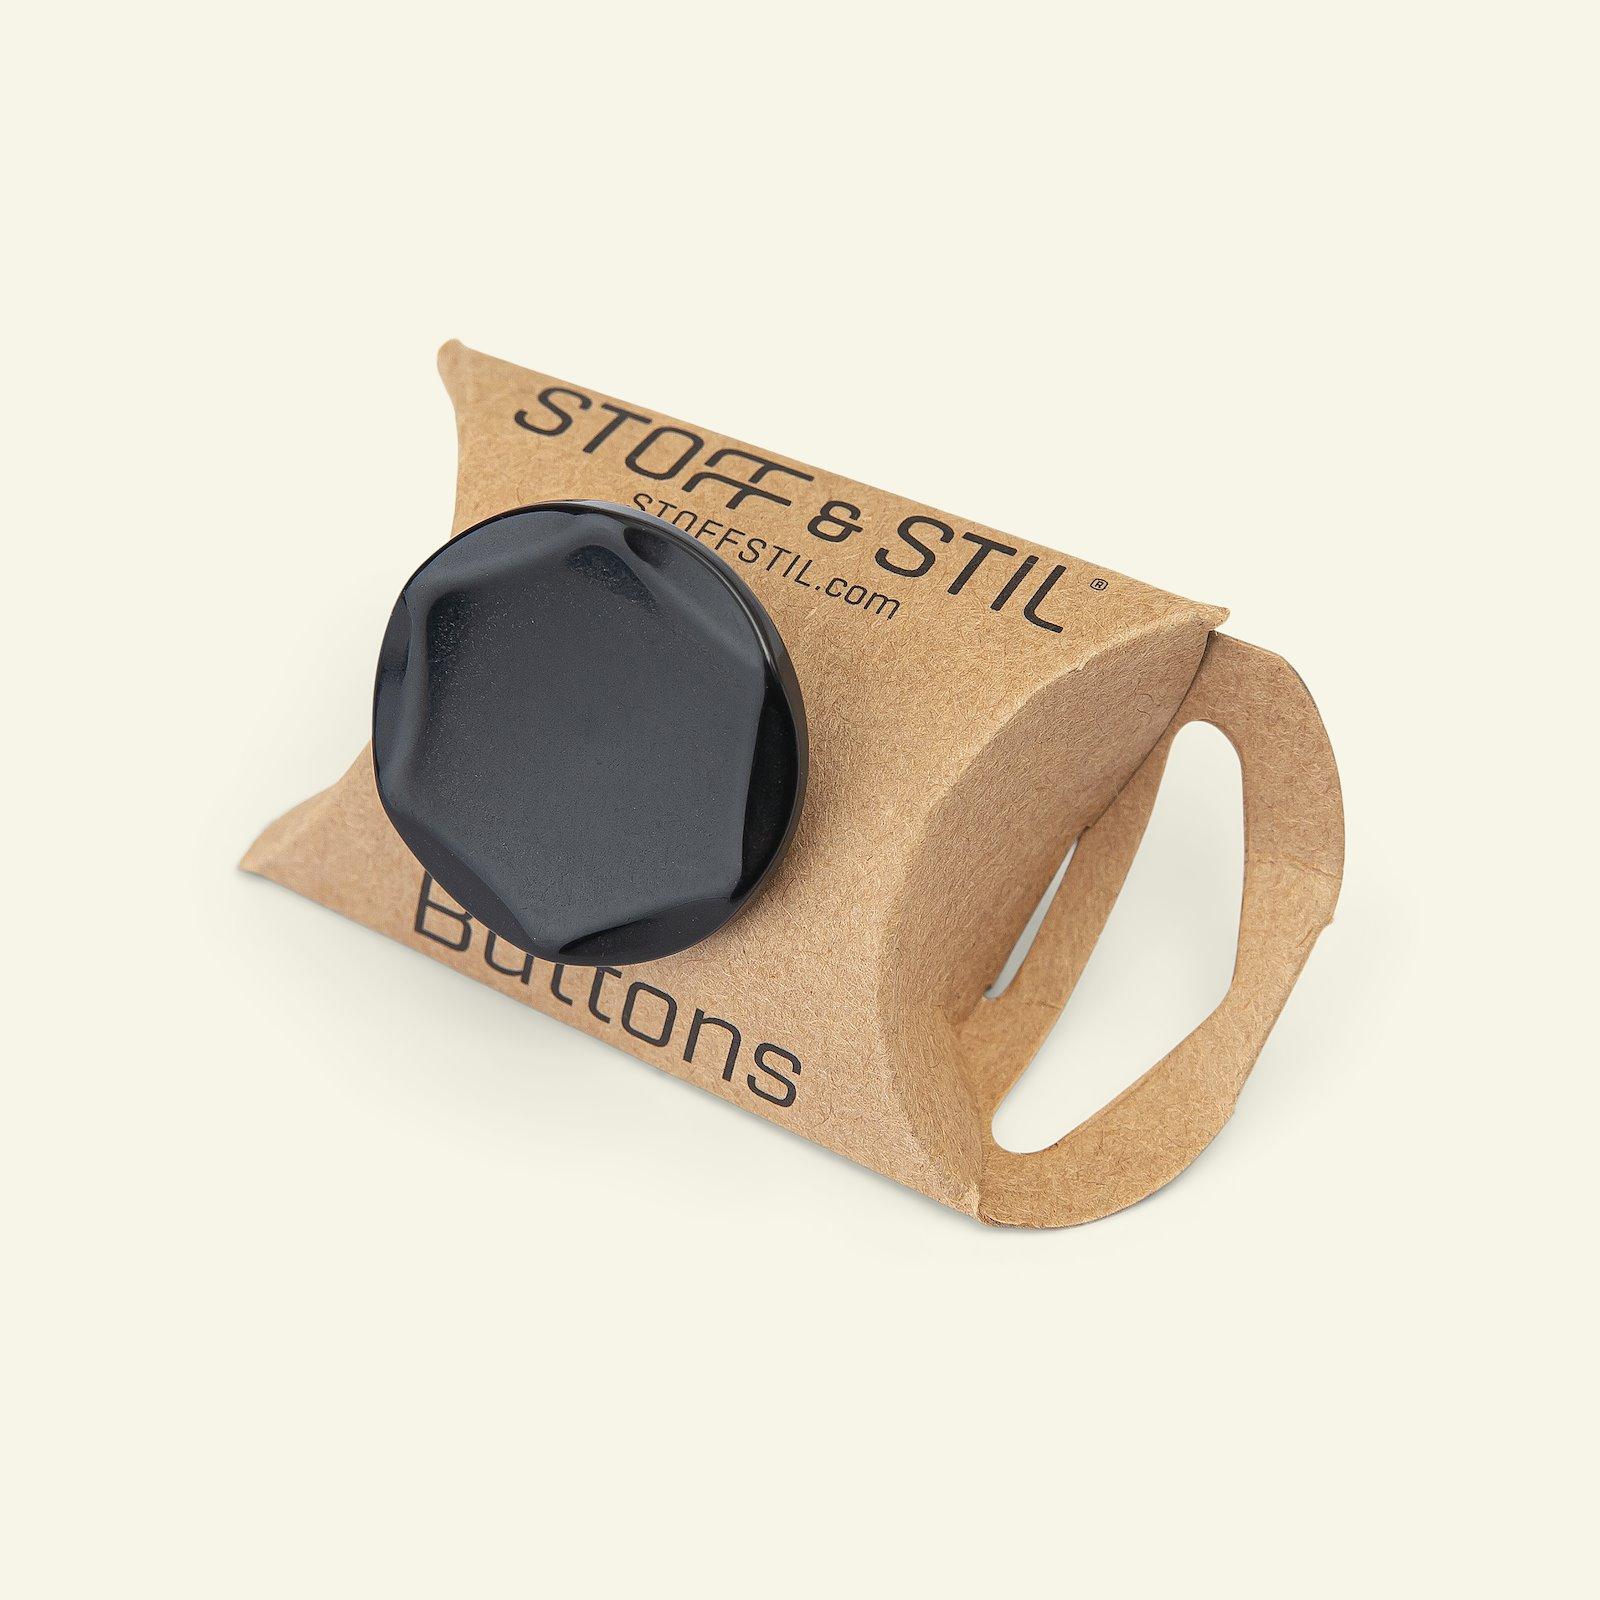 Shank button 30mm black 2pcs 33174_pack_b